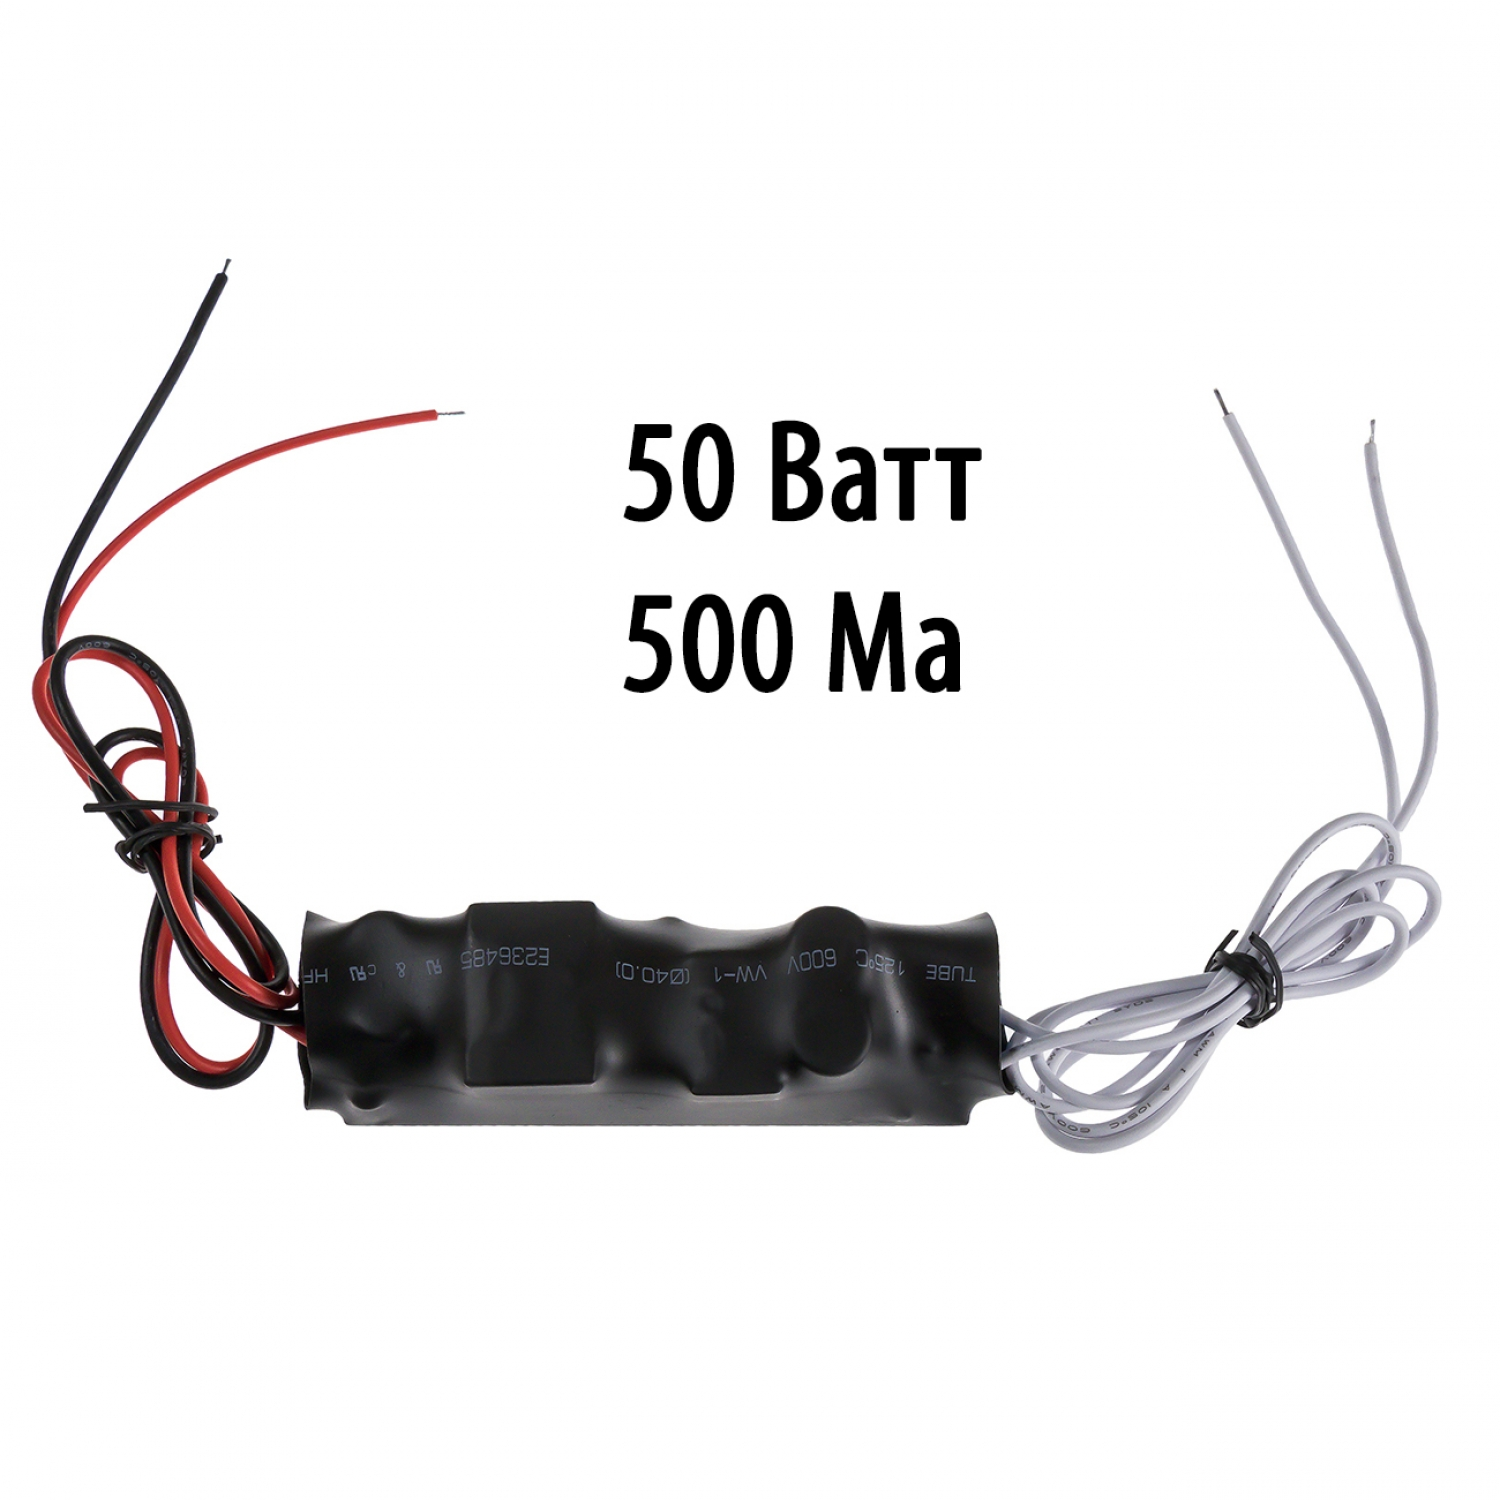 Драйвер для светодиодов 50W 500mA (HG-WP2240/5) бескорпусной